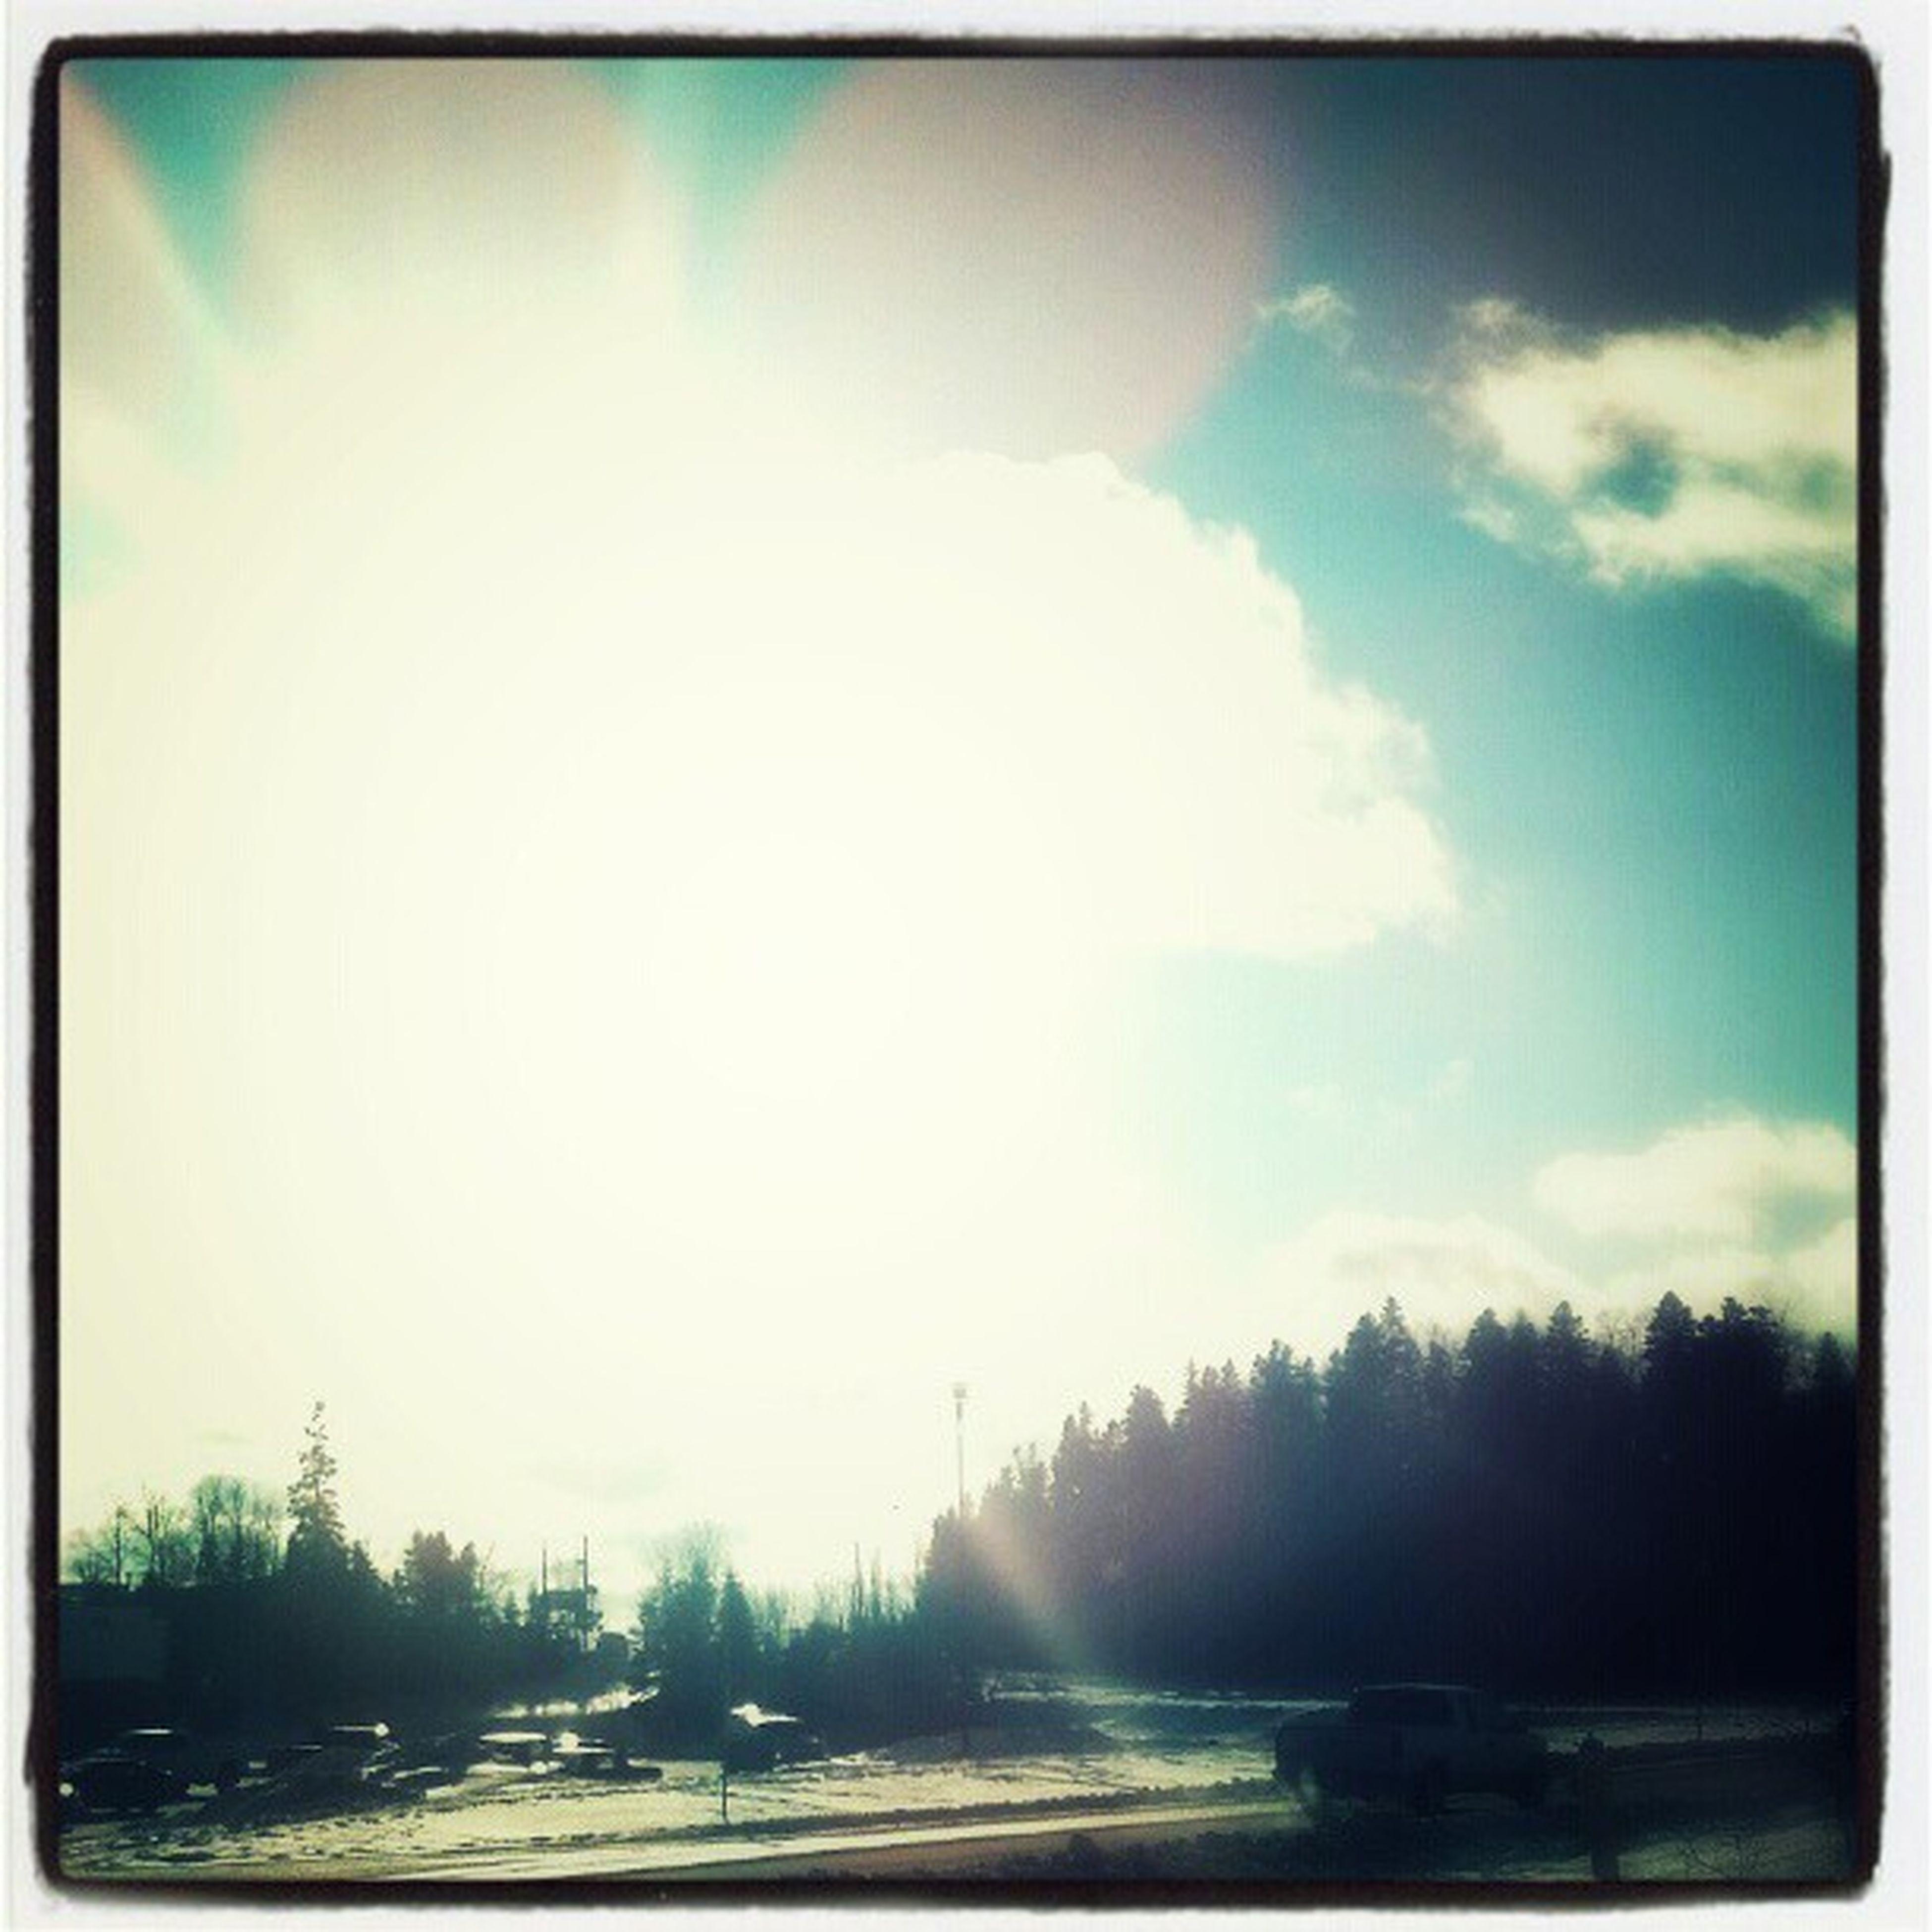 Canada Sun Gay Cool Blue Sky Clouds Canadian - EyeEm - 웹